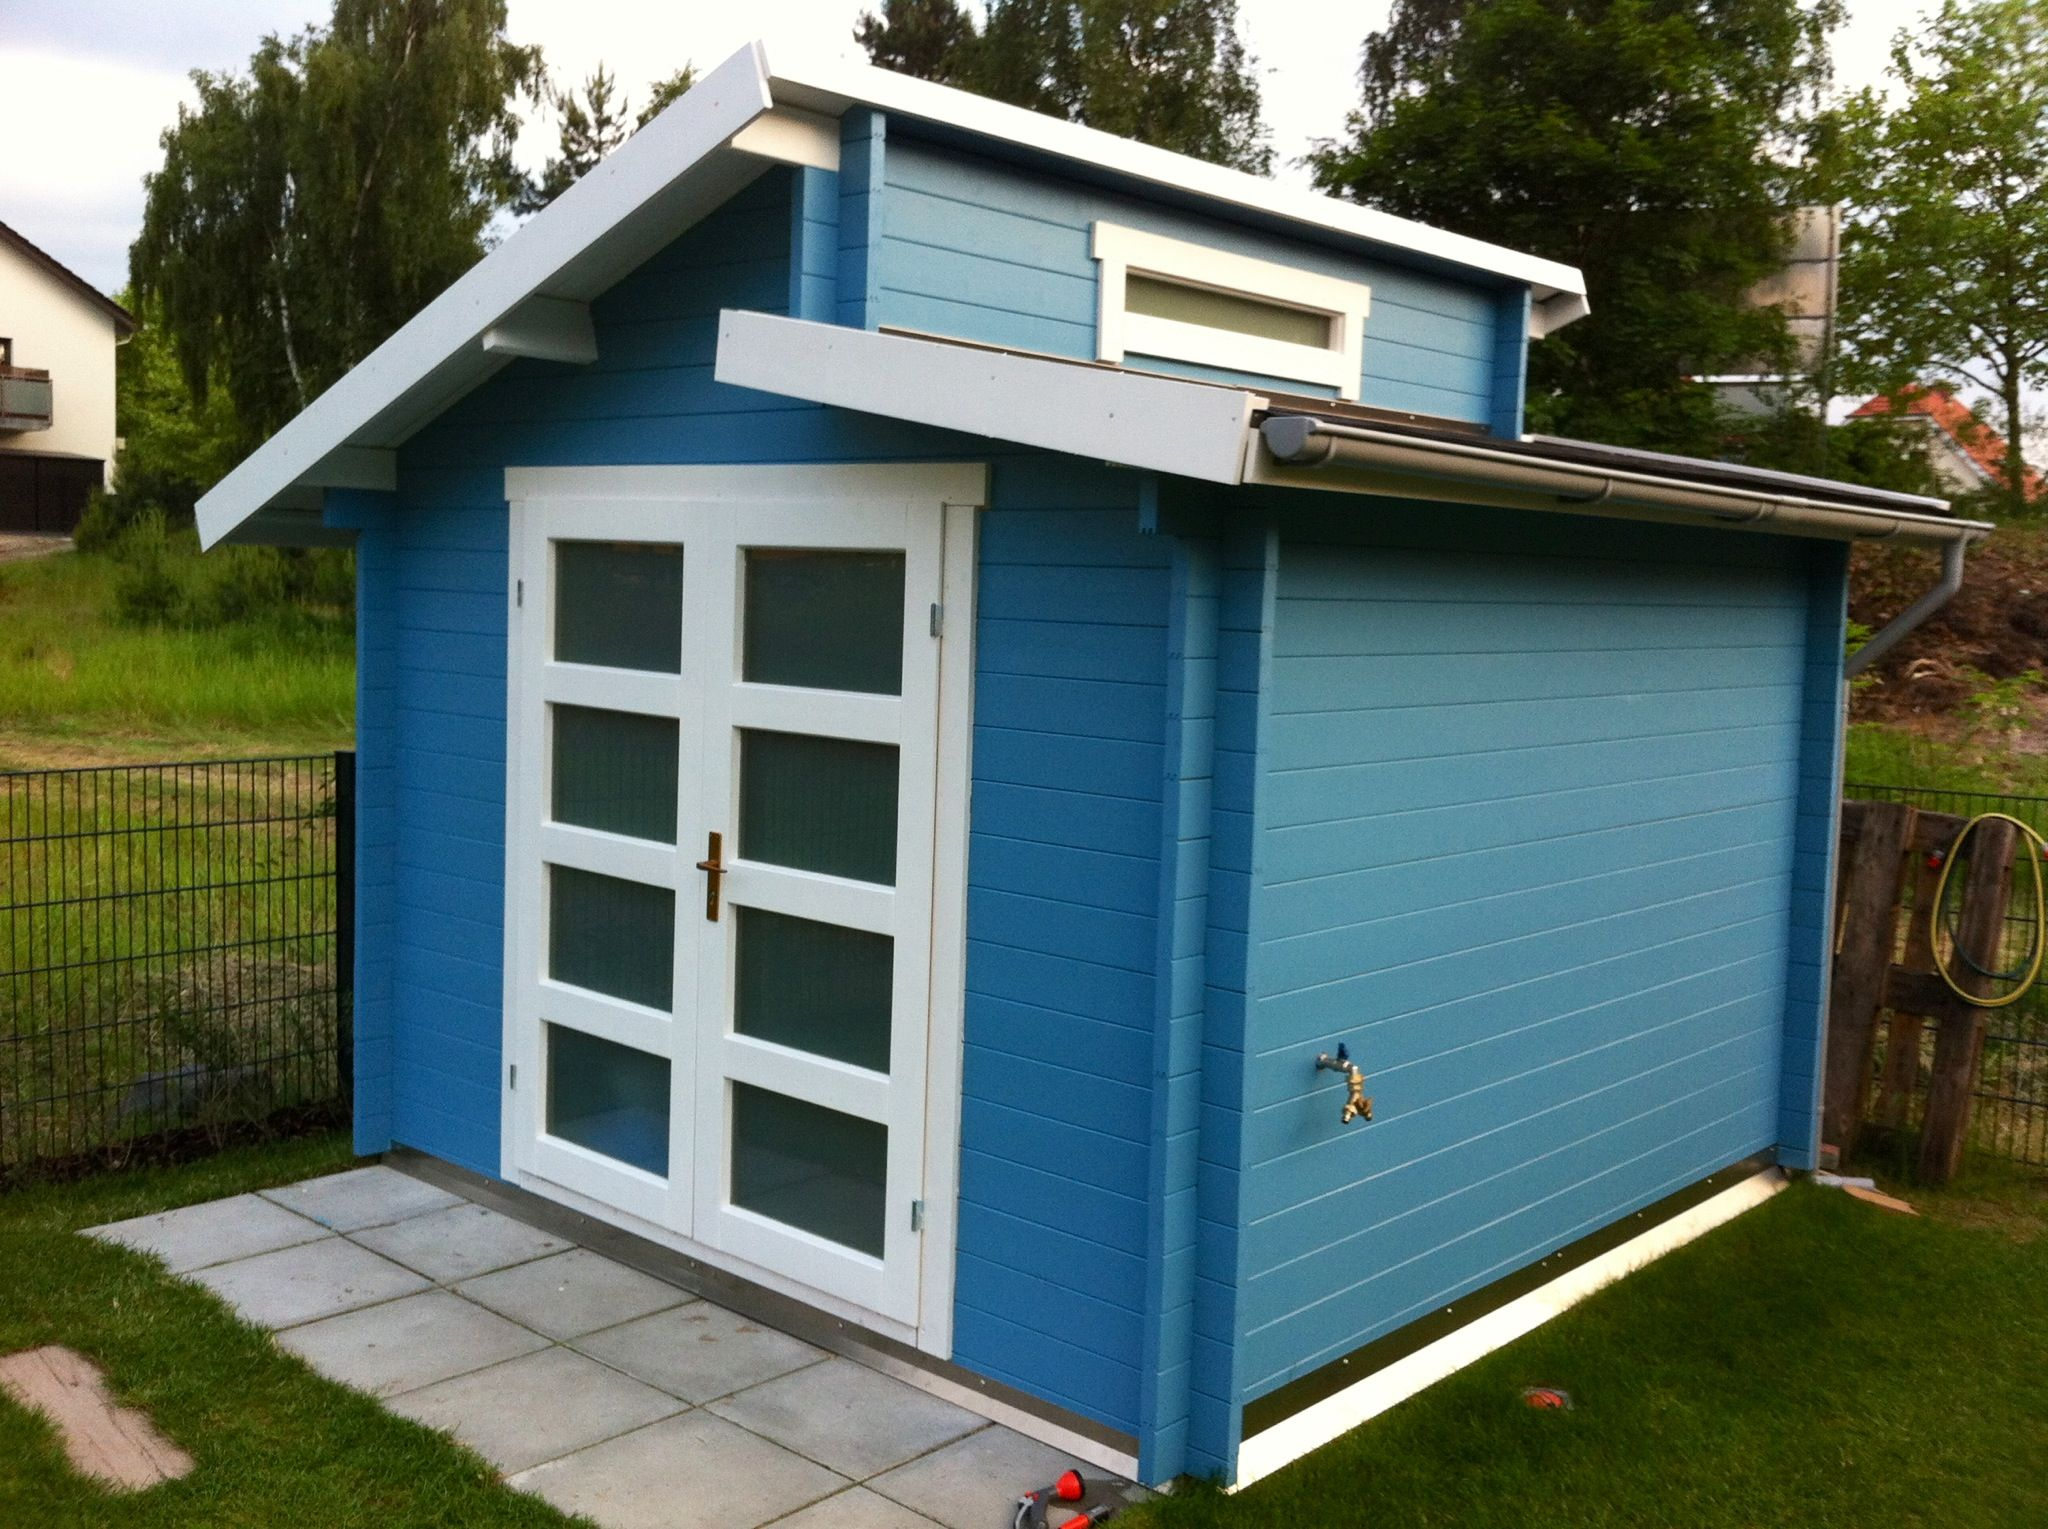 Der Farbklecks im heimischen Garten: Ein Blau lasiertest Pultdach ...